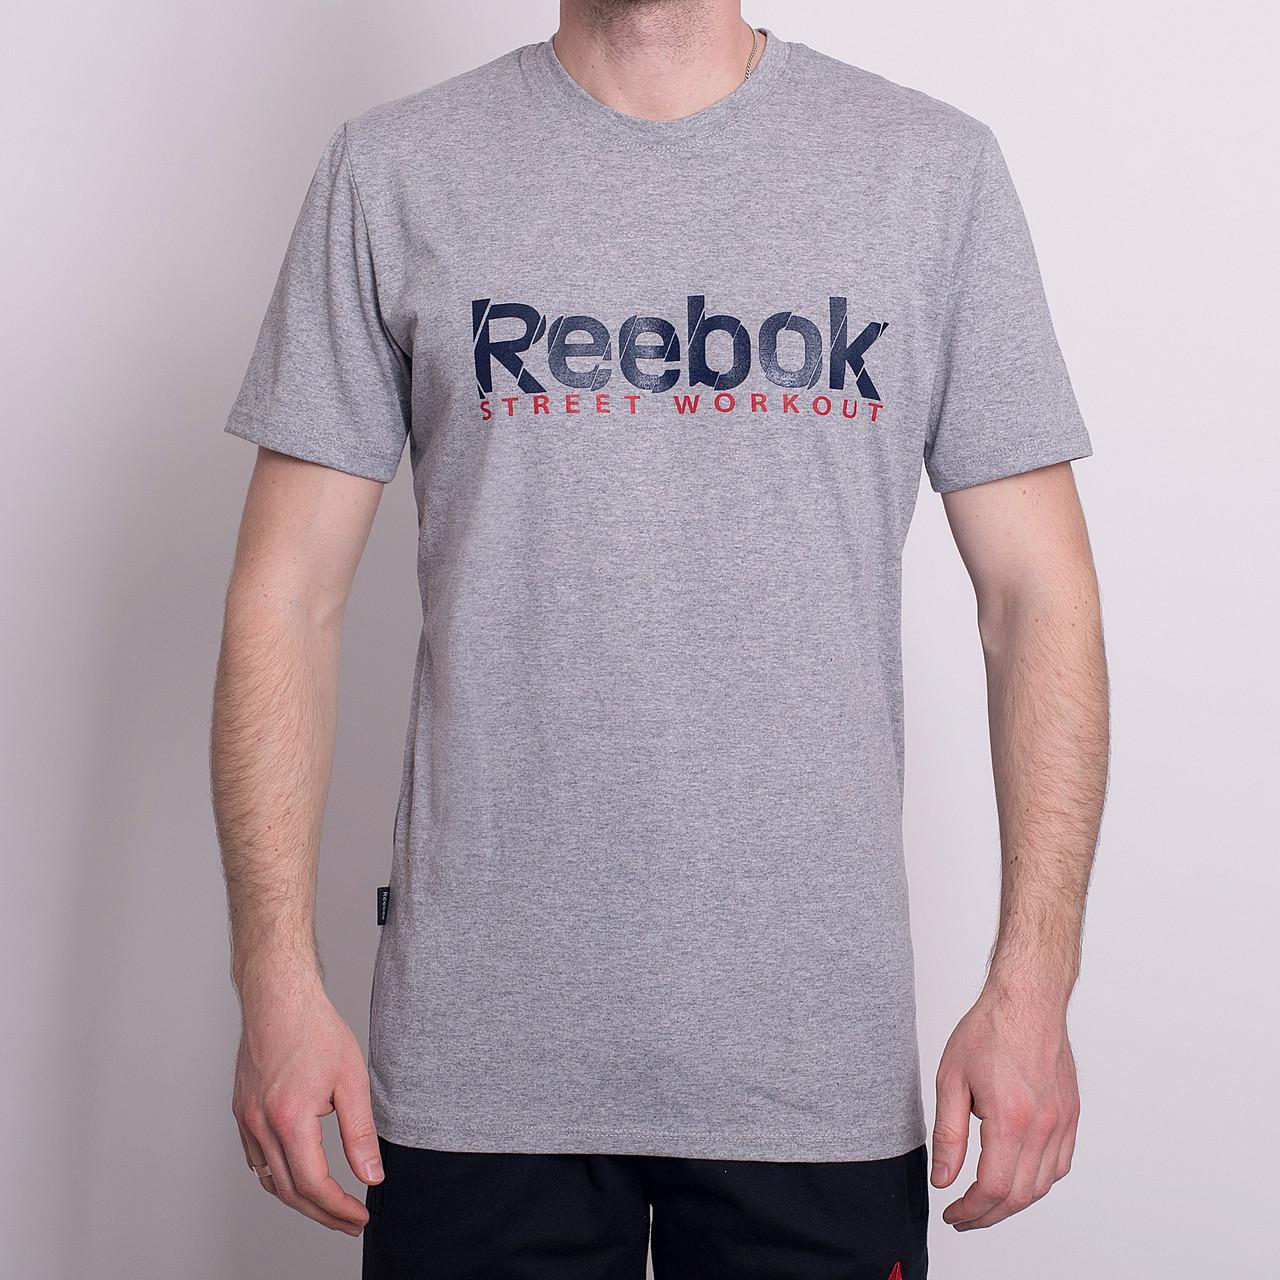 Чоловіча спортивна футболка Reebok, світло-сірого кольору